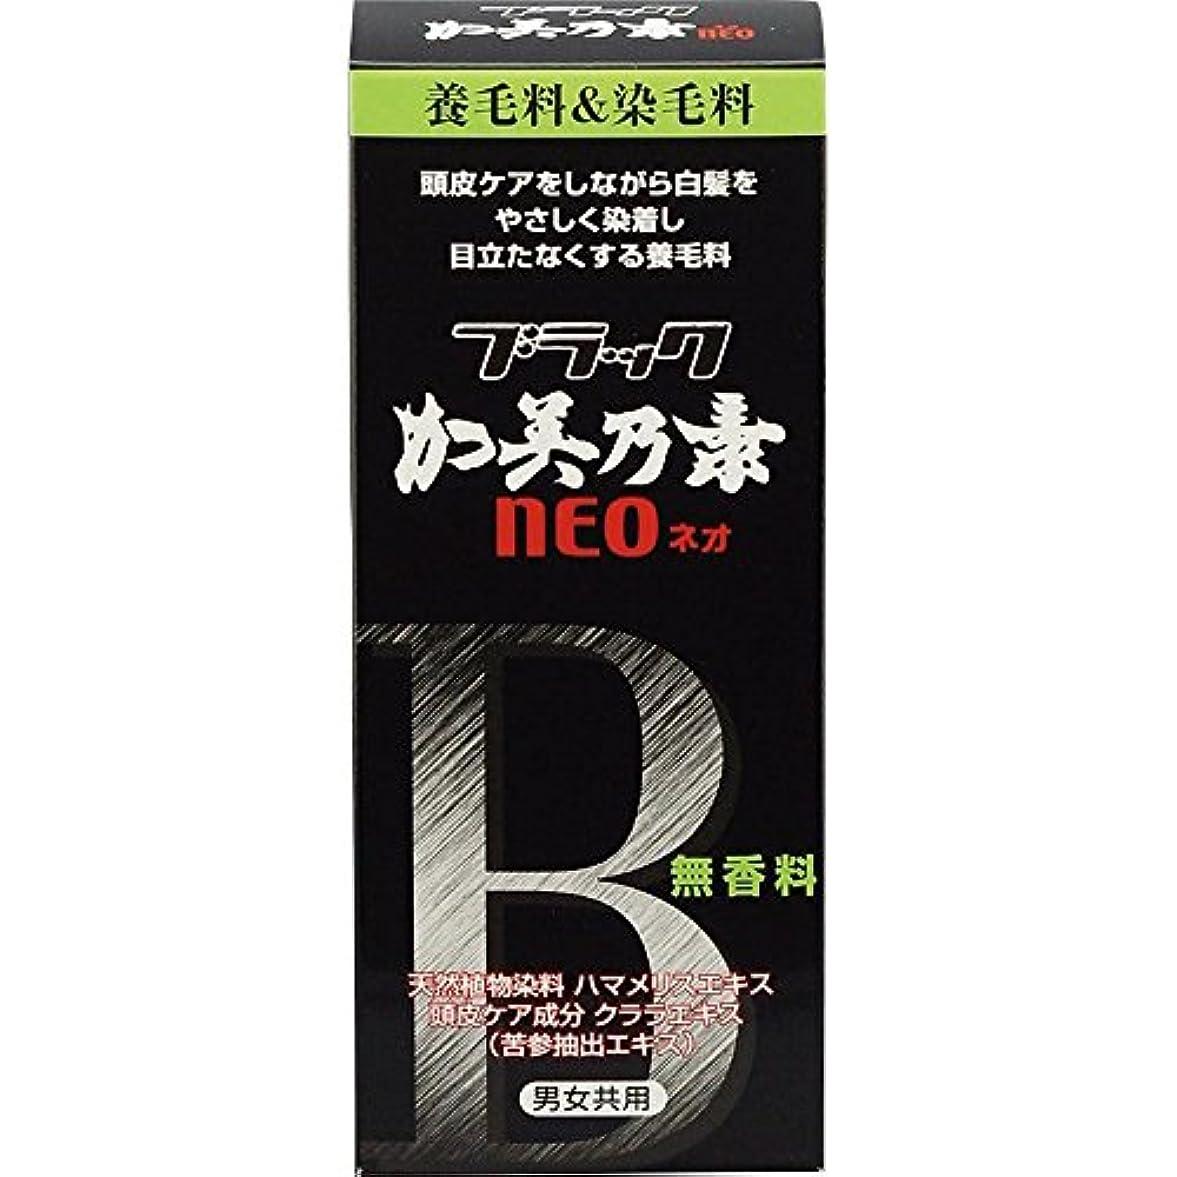 フラグラント異常な無視するブラック加美乃素NEO 無香料 150mL